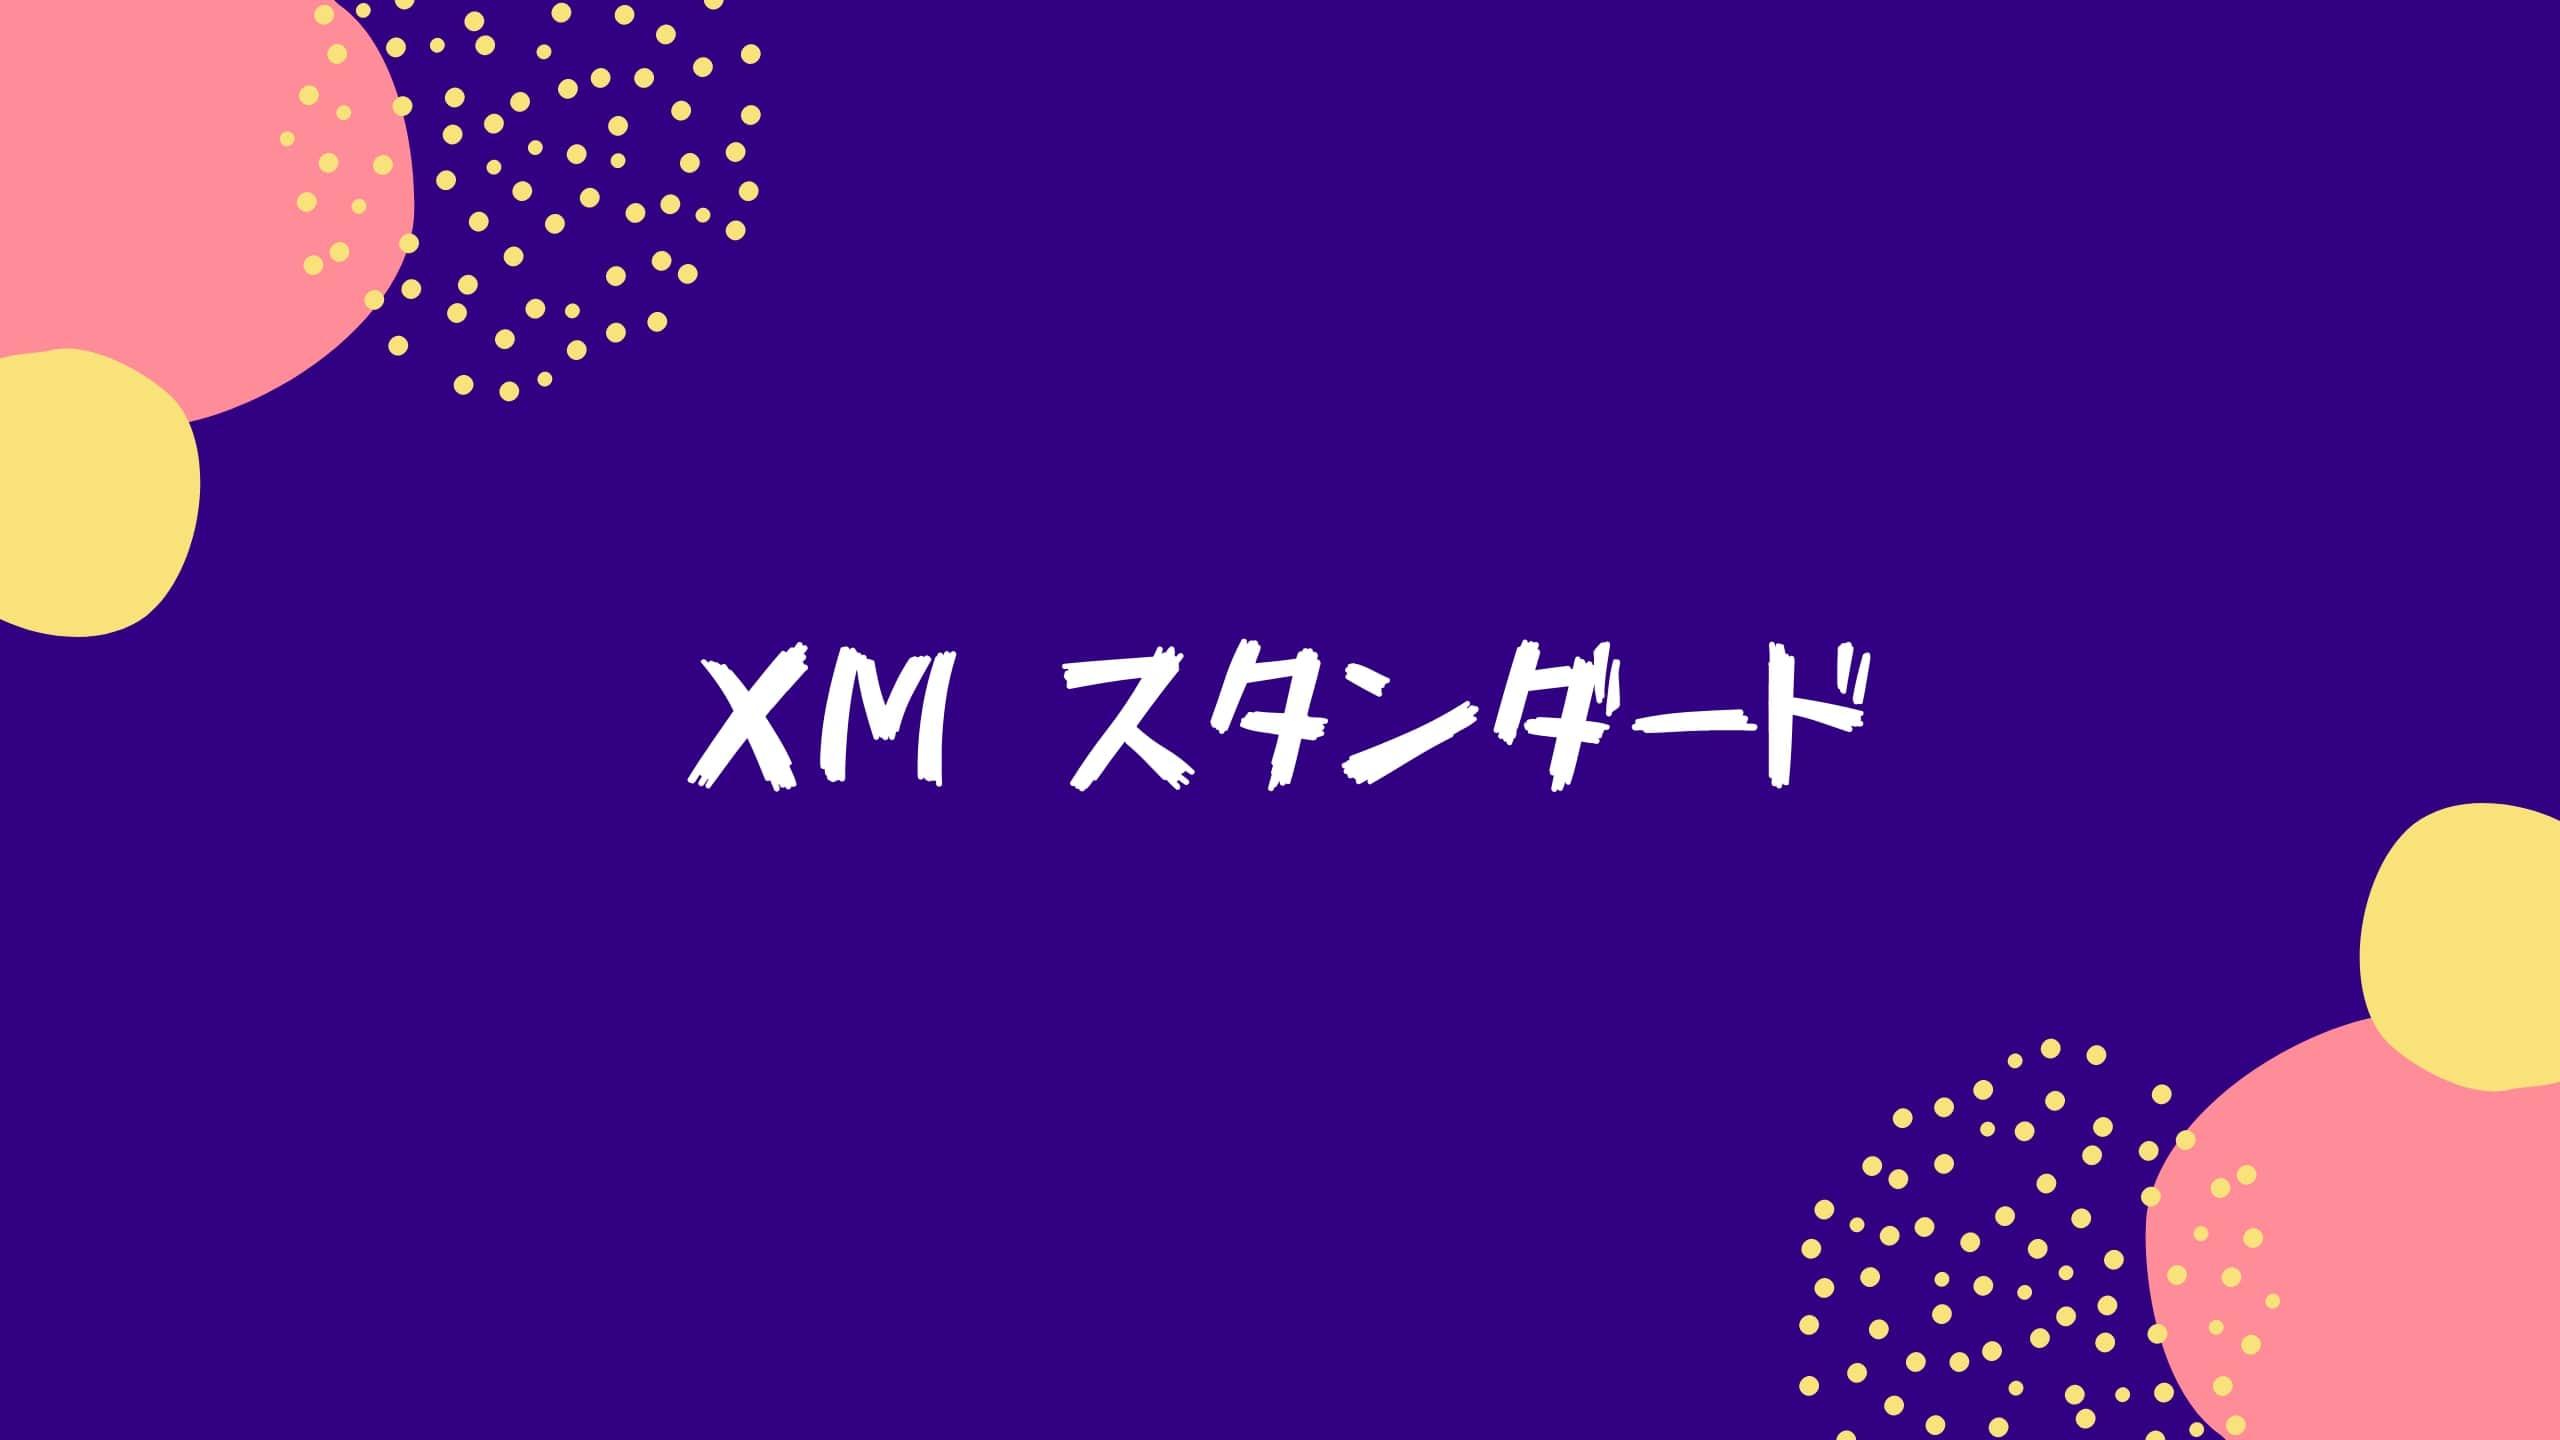 【決定版】XMはスタンダード口座を選ぶのがベストな理由3つ。